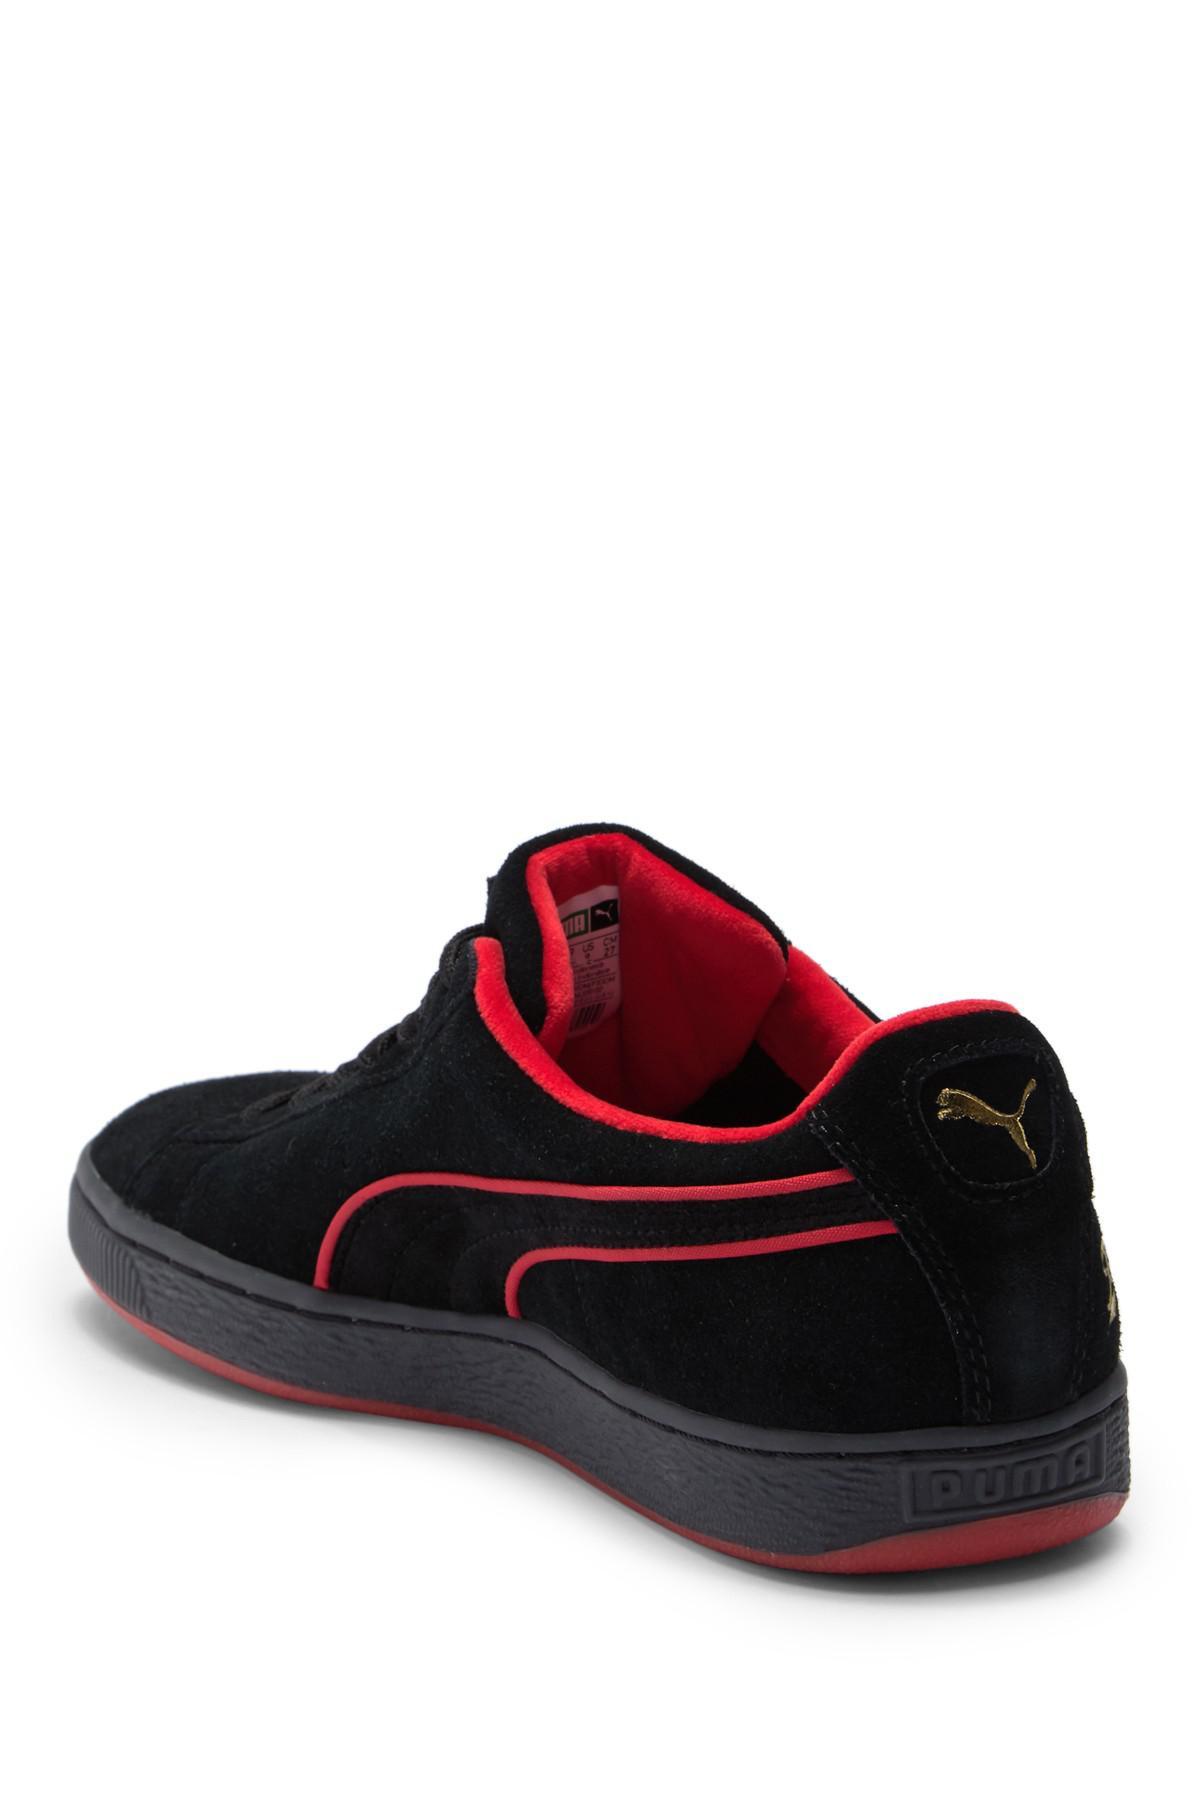 PUMA - Black Classic X Fubu Suede Sneaker for Men - Lyst. View fullscreen a0ca14ff8